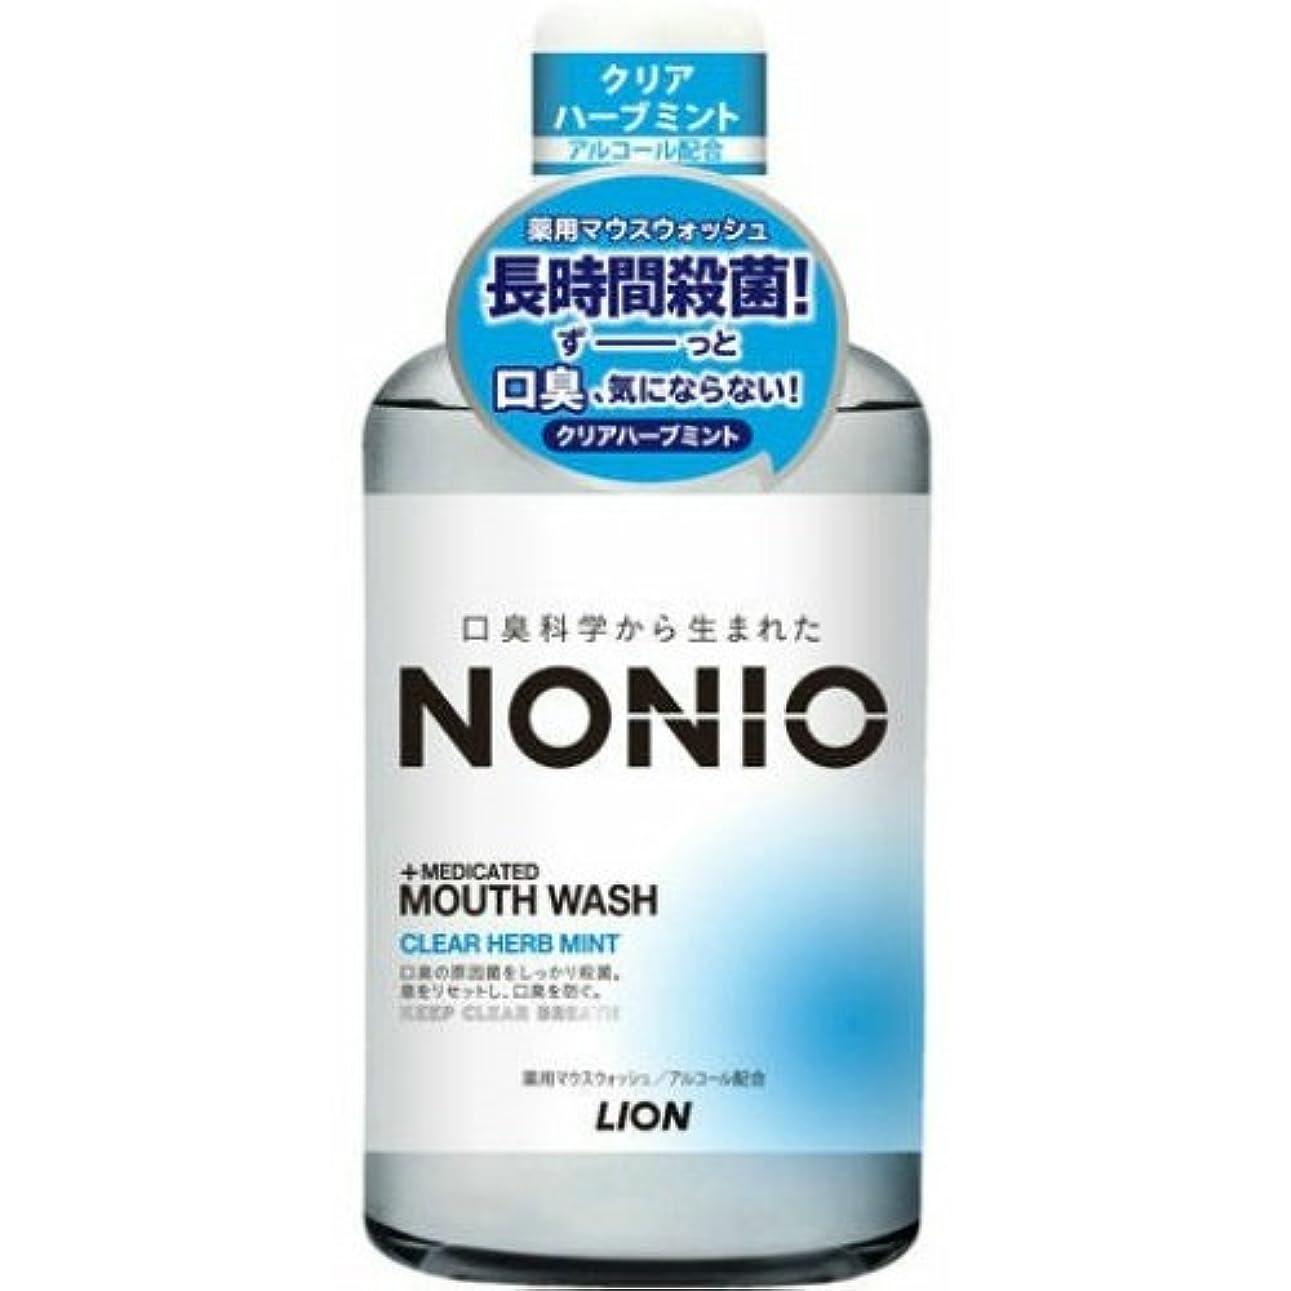 バンカーガソリンかび臭いLION ライオン ノニオ NONIO 薬用マウスウォッシュ クリアハーブミント 600ml ×10点セット(4903301259350)